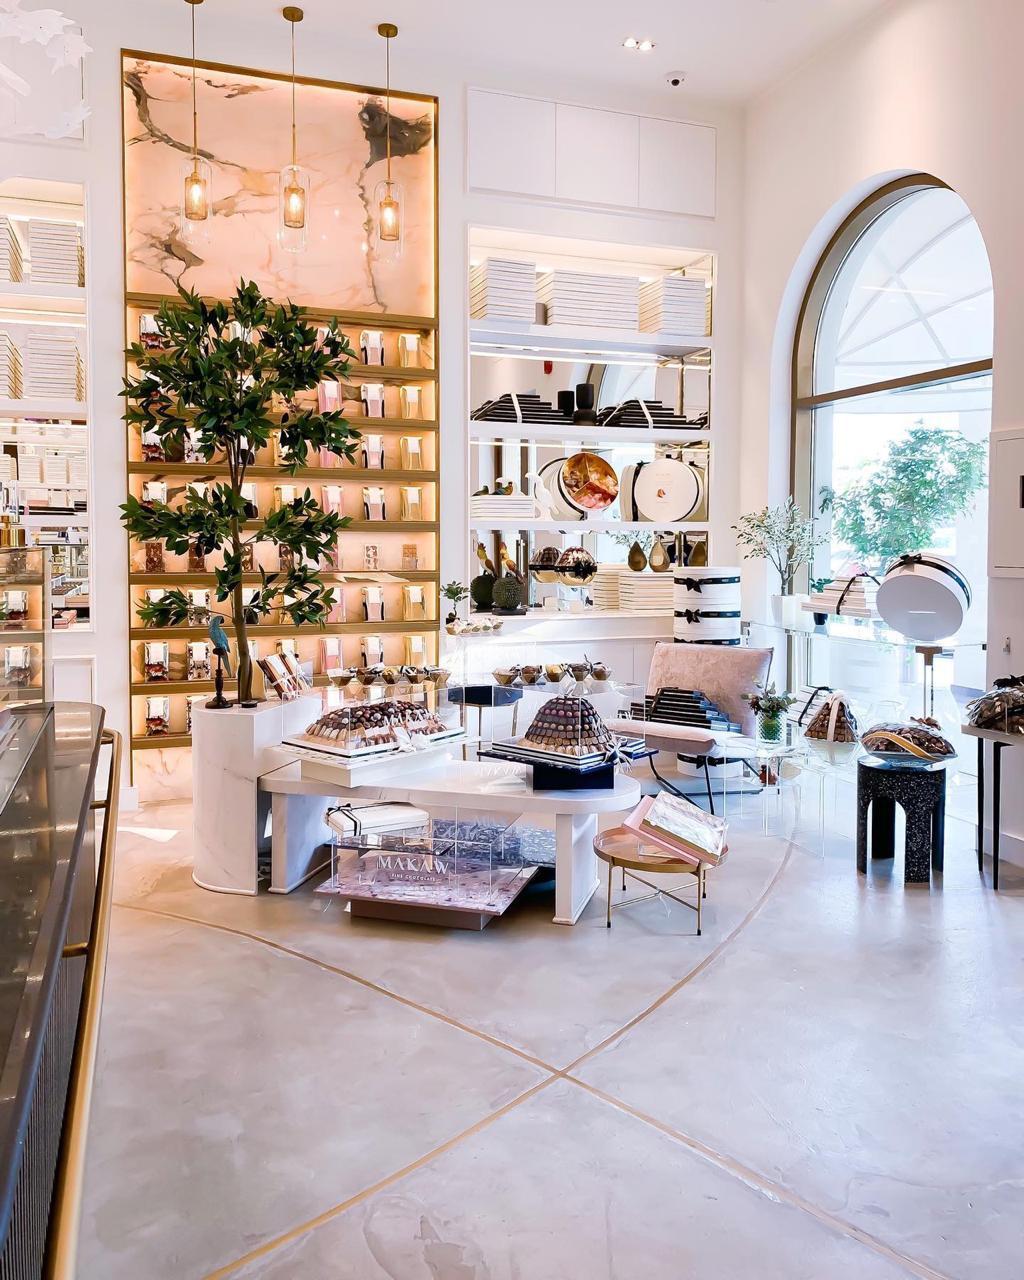 Makaw Chocolate shop design by DZ Design interior design in dubai